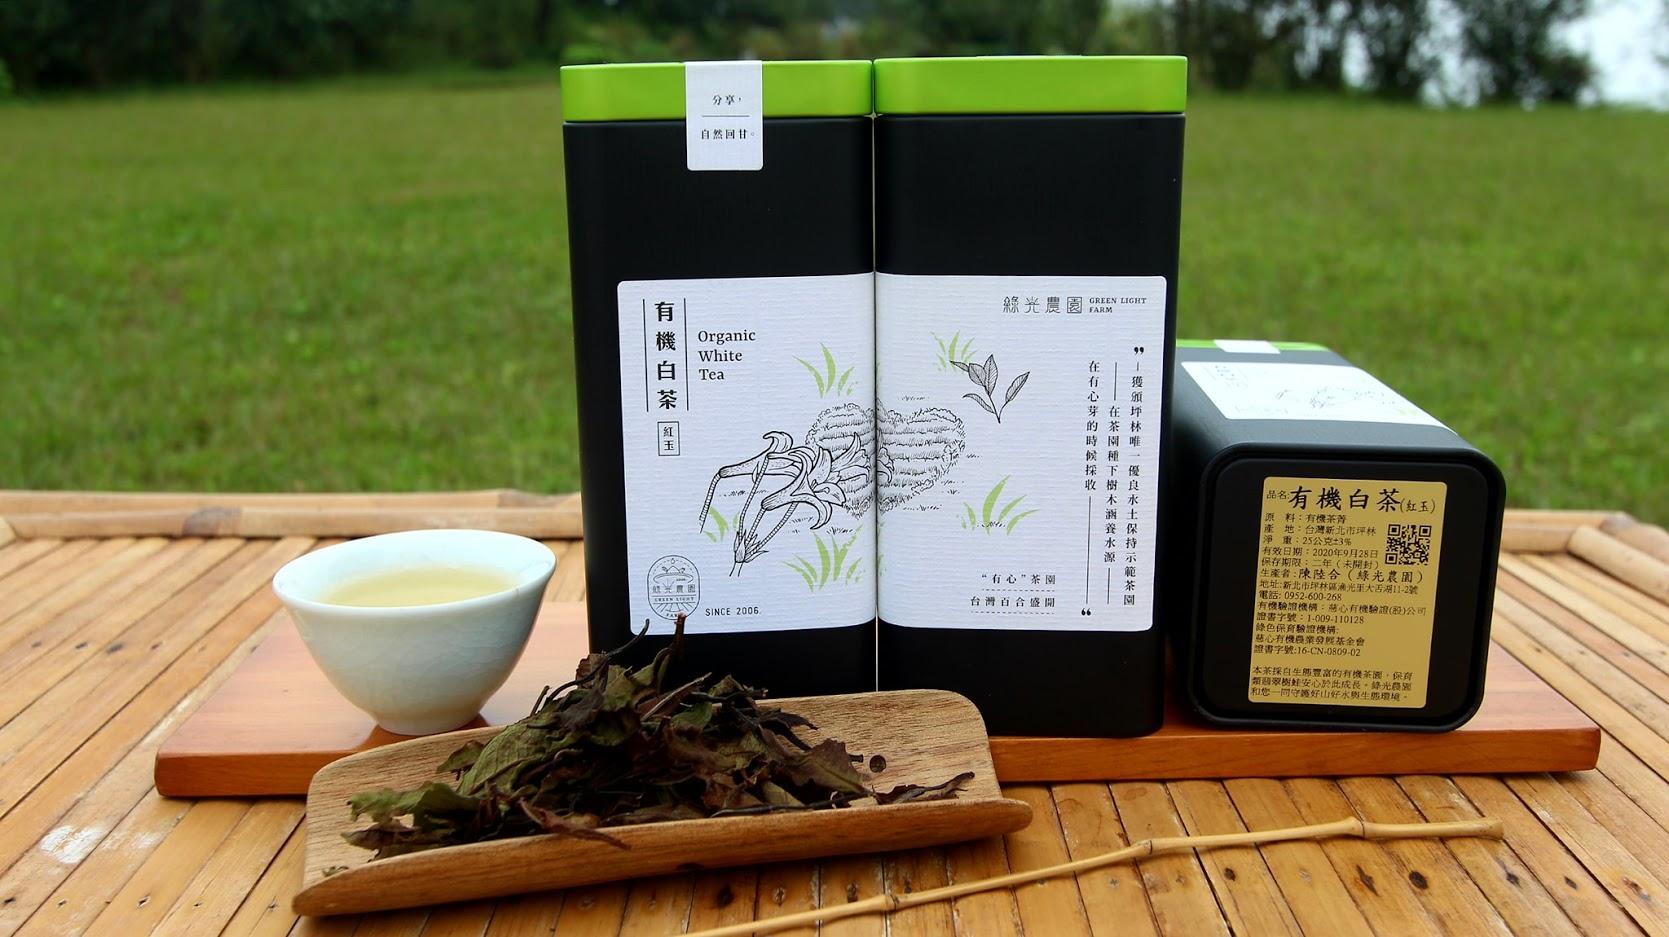 坪林茶的綠色革命「綠光農園」|隱身坪林的有機茶園 - 綠光農園